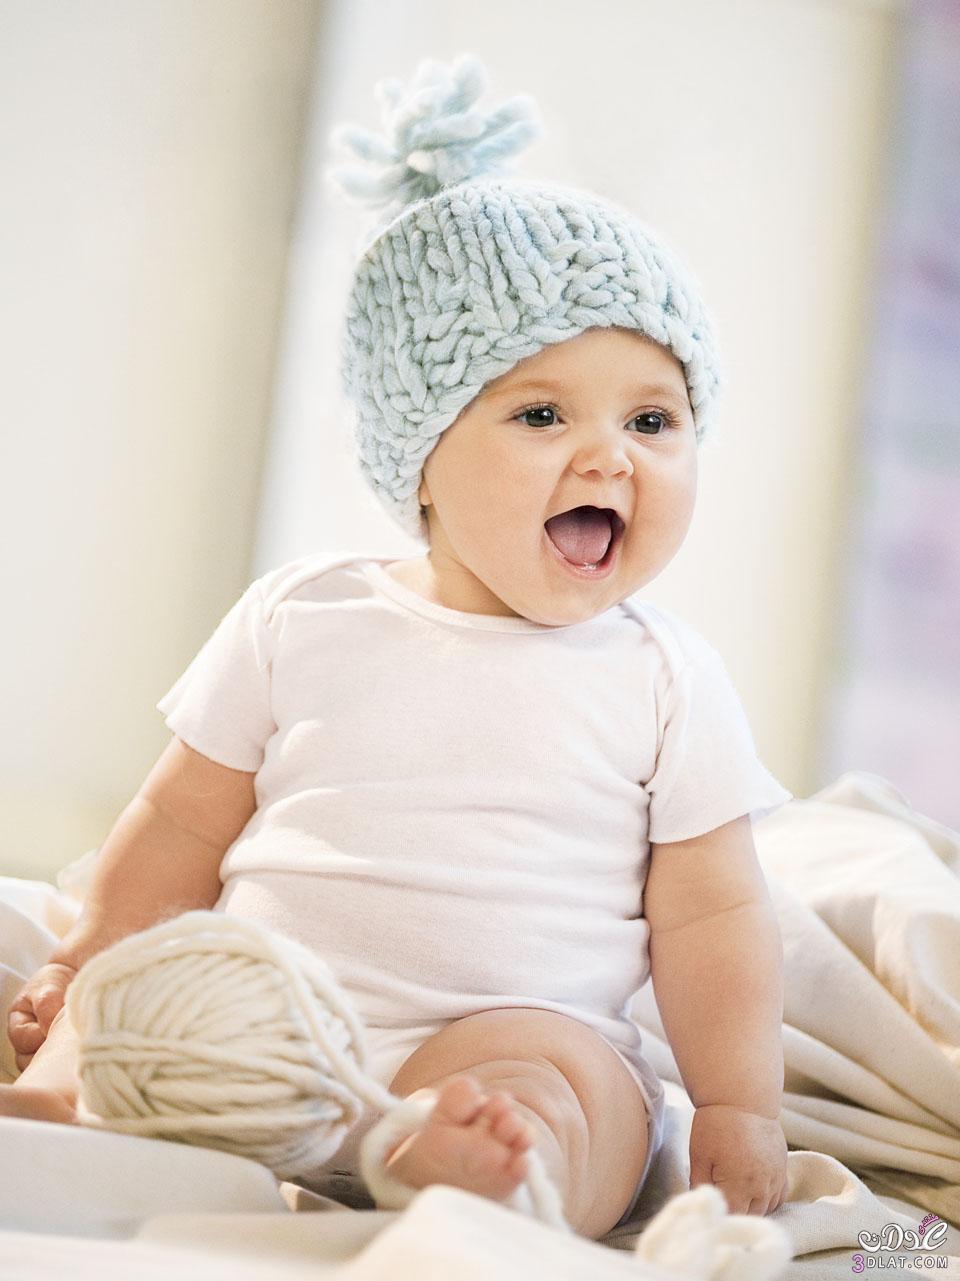 بالصور صور اولاد , اجمل صور اطفال حلوين جدا 2065 3